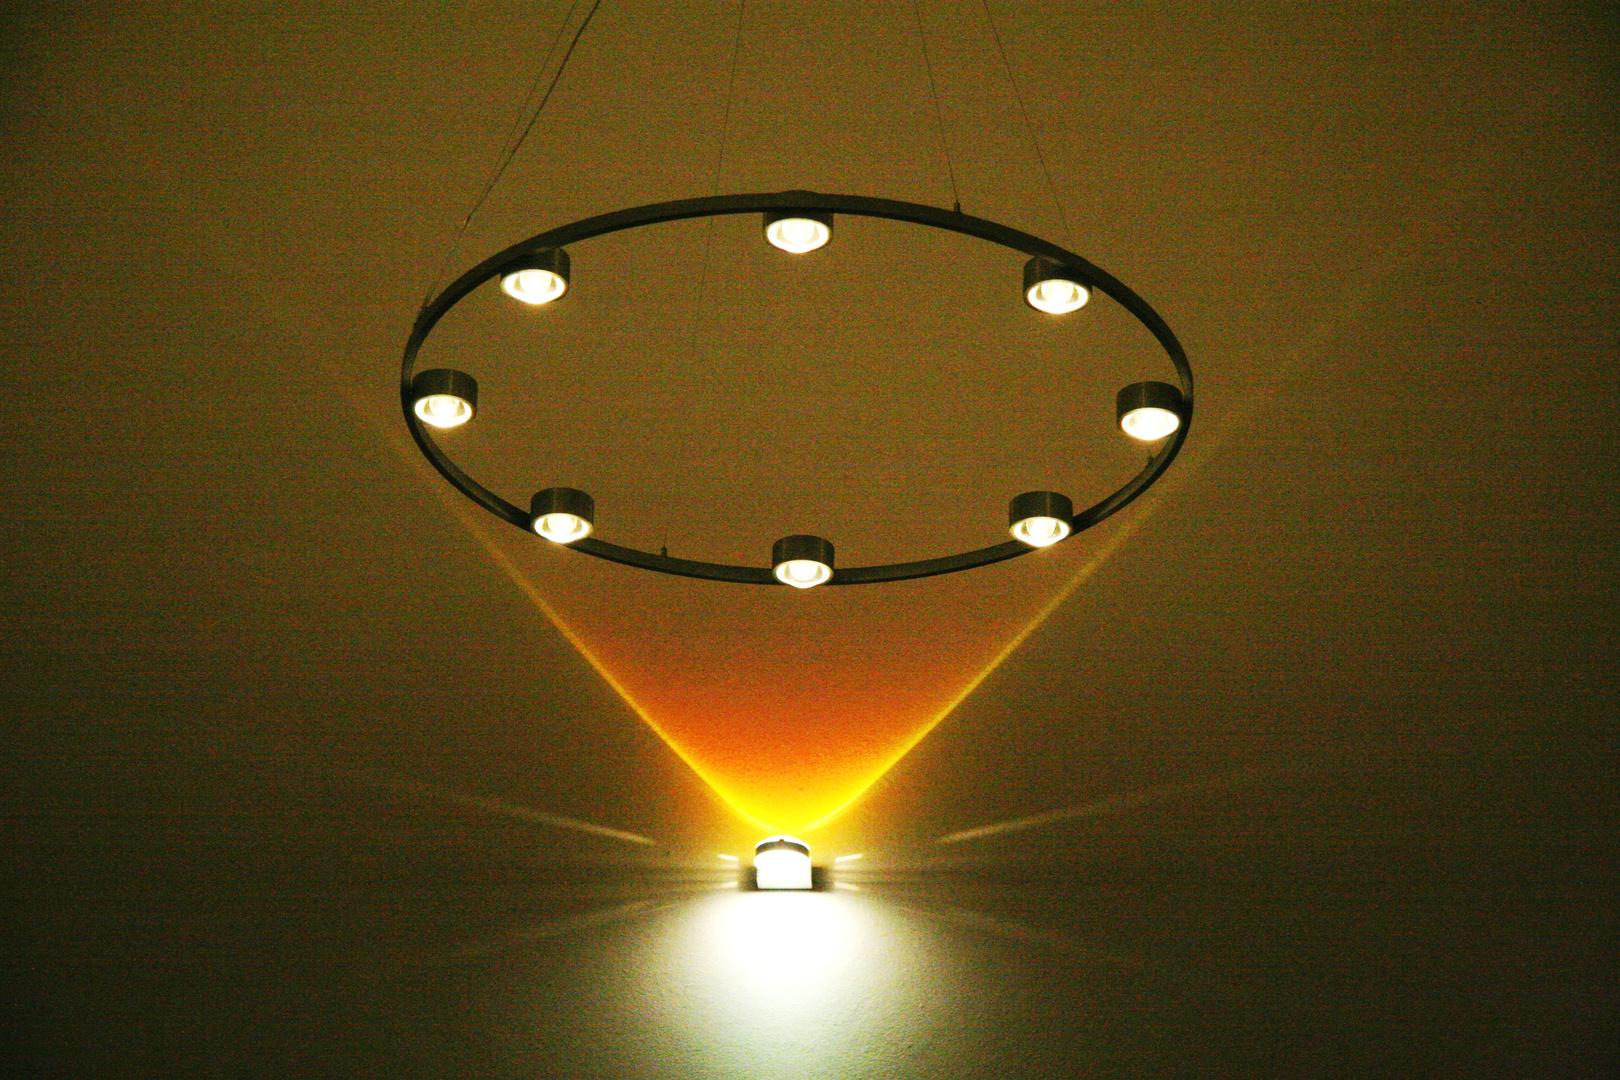 deckenbeleuchtung foto bild lampen und leuchten alltagsdesign motive bilder auf fotocommunity. Black Bedroom Furniture Sets. Home Design Ideas